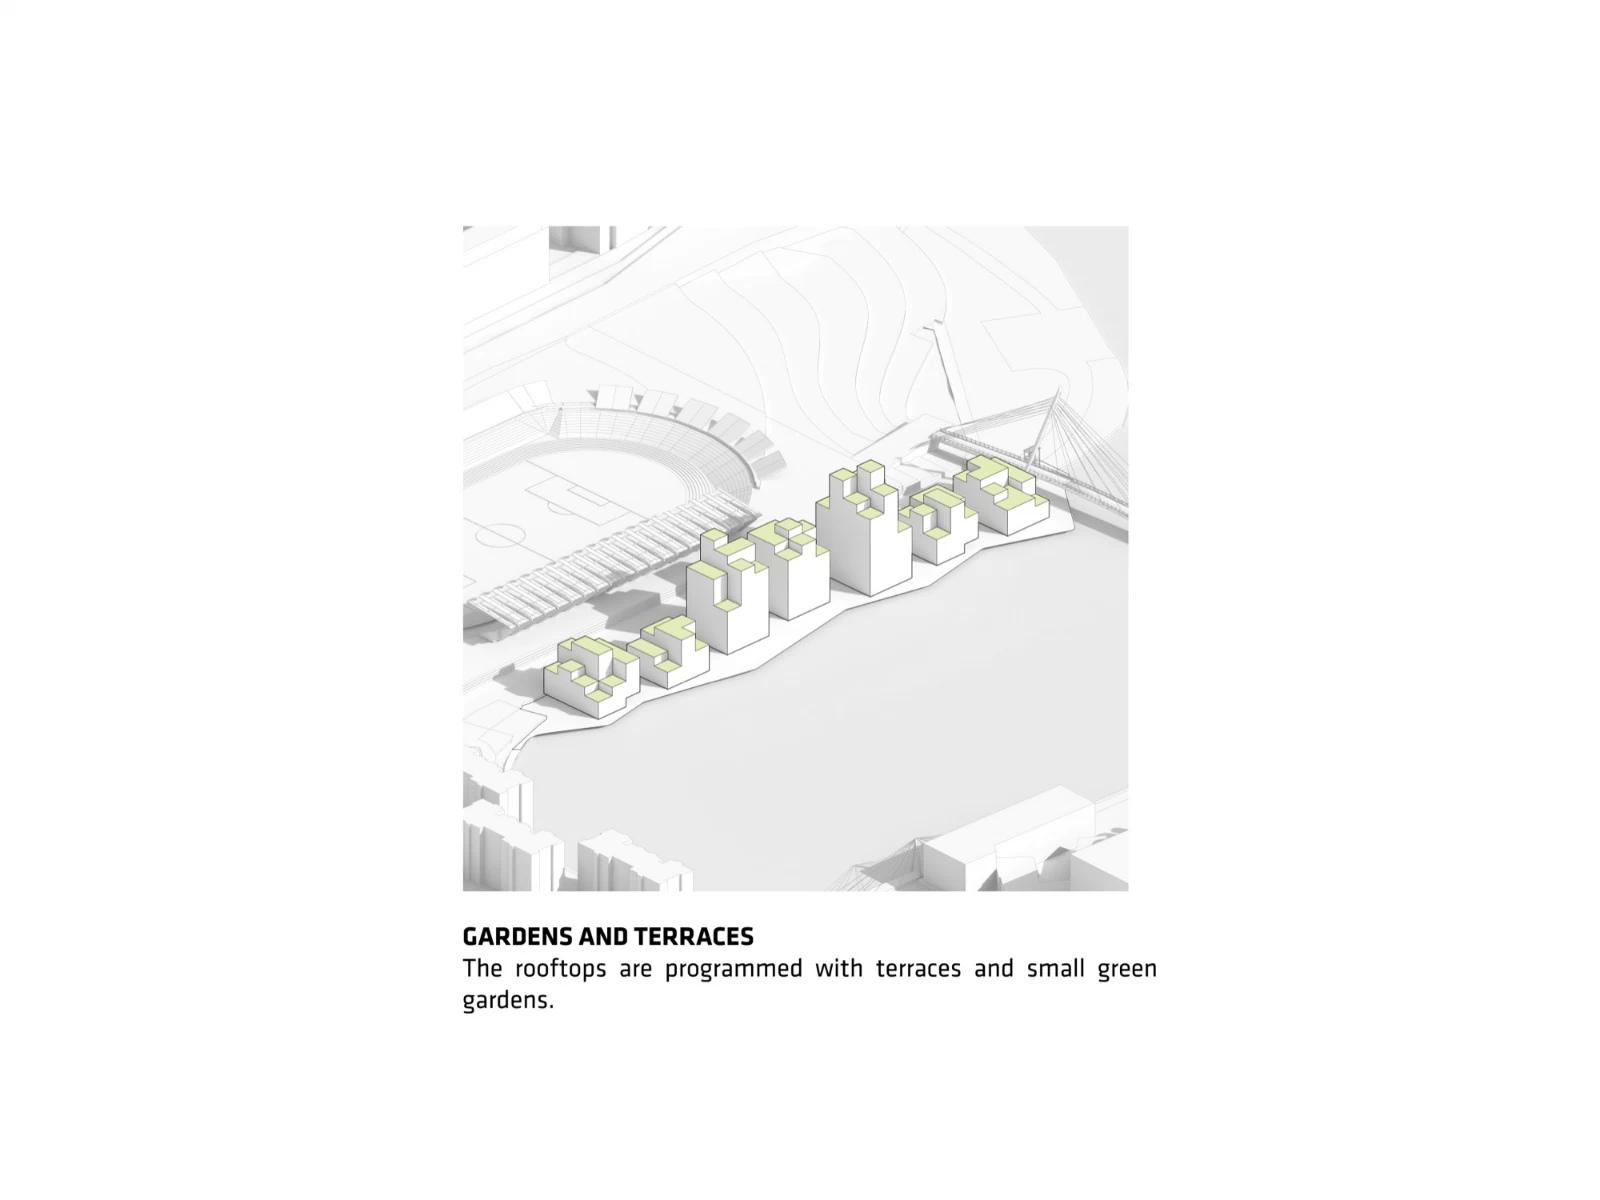 住宅设计—从概念到设计 (20)